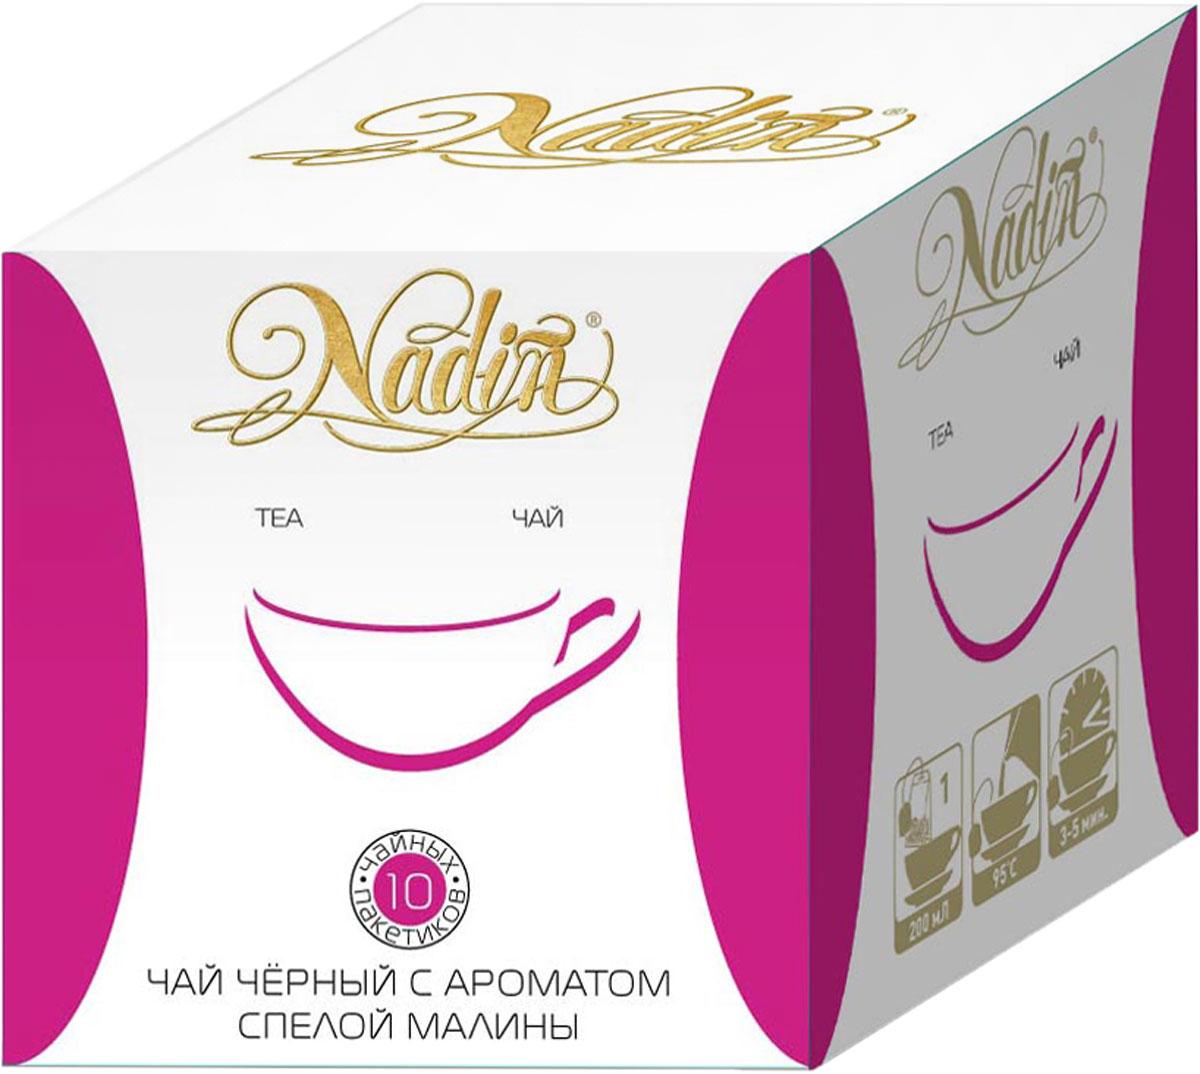 Nadin Спелая малина чай черный пакетированный, 10 шт nadin лимон мята чай черный пакетированный 10 шт